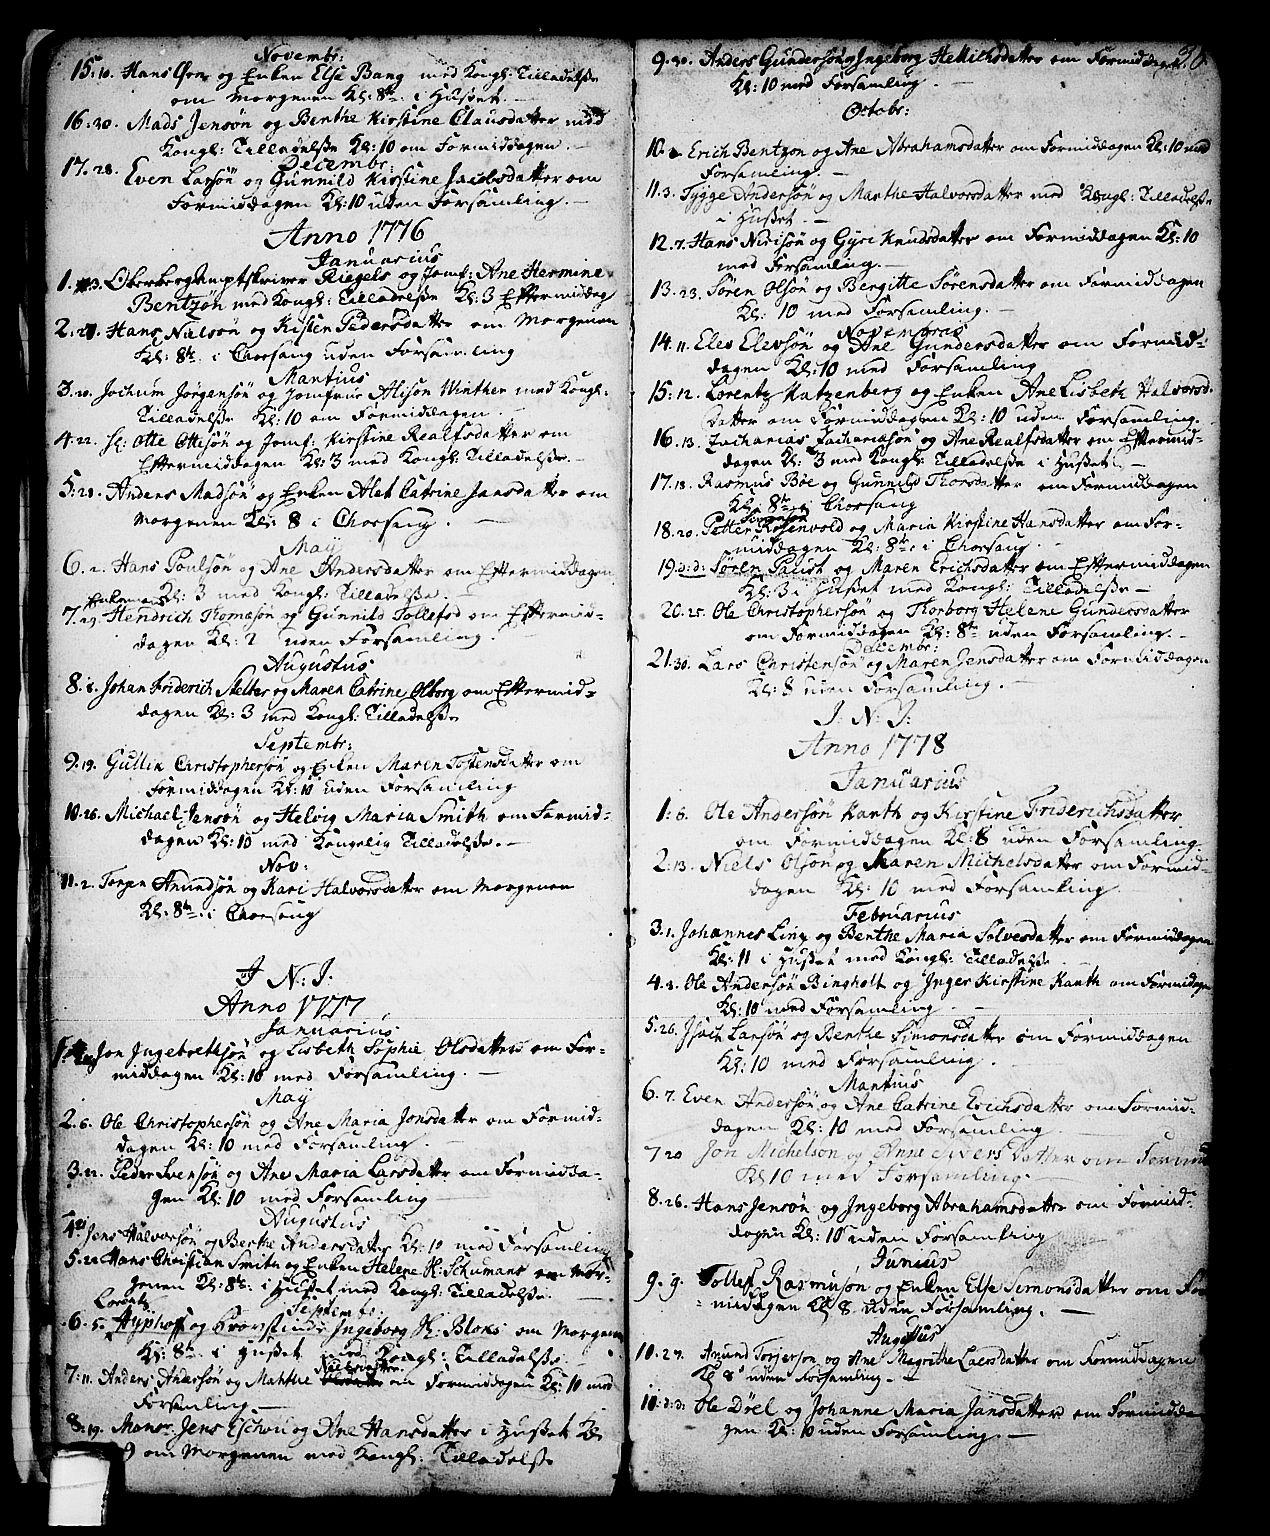 SAKO, Skien kirkebøker, G/Ga/L0001: Klokkerbok nr. 1, 1756-1791, s. 38